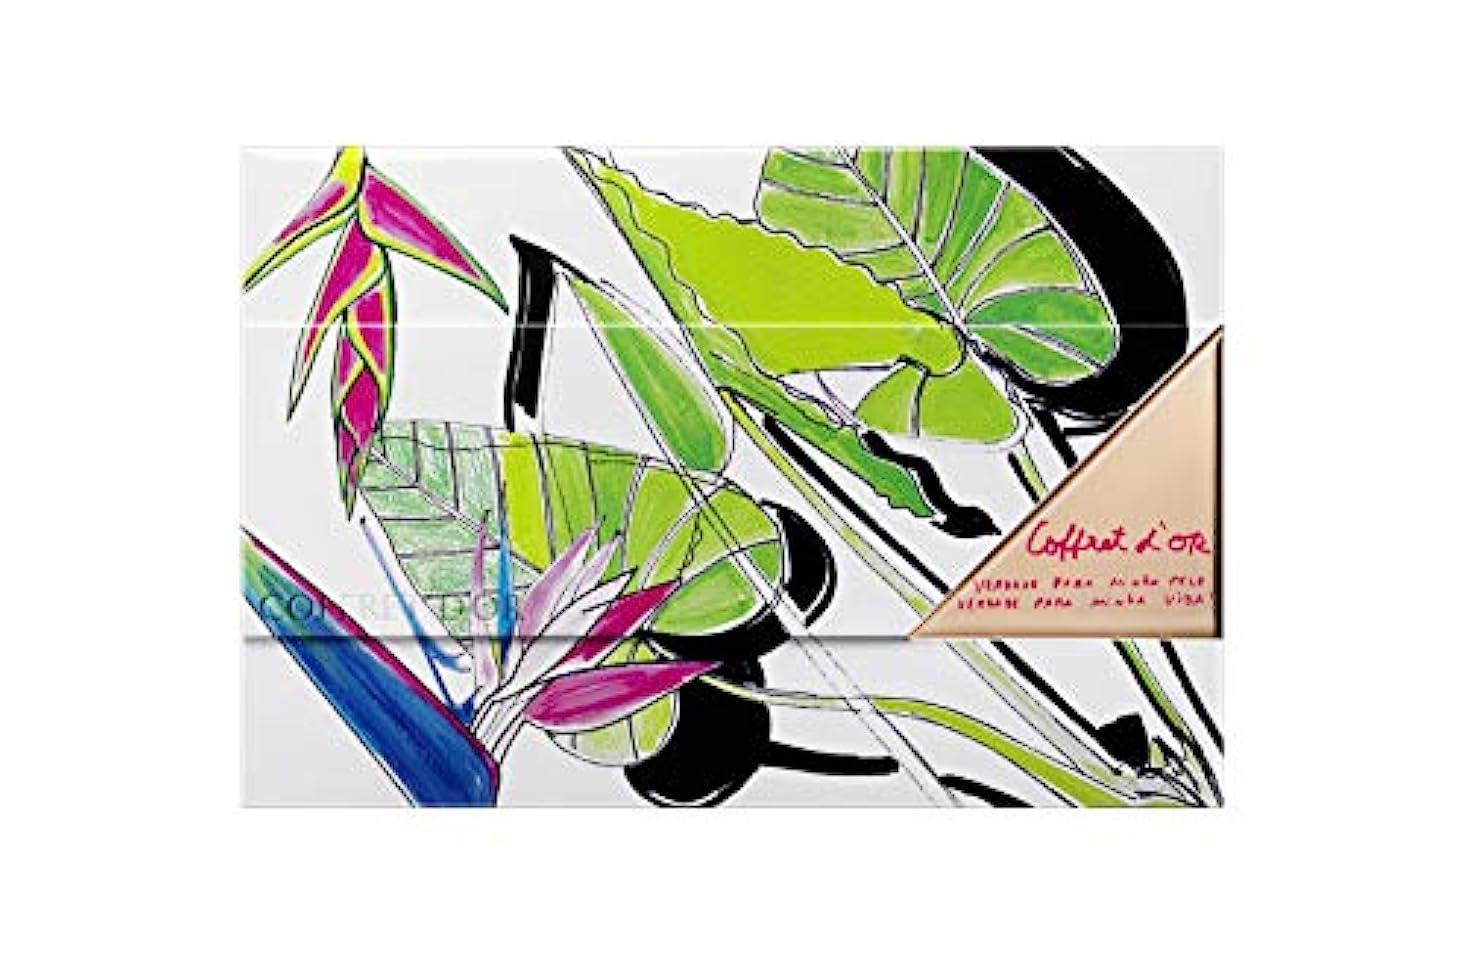 餌無意味残るコフレドール ヌーディカバー ロングキープパクトUV リミテッドセットf オークル-B PLAYED DESIGN 【LIKE NATURE】 SPF20 ?PA++ ファンデーション(パクト)